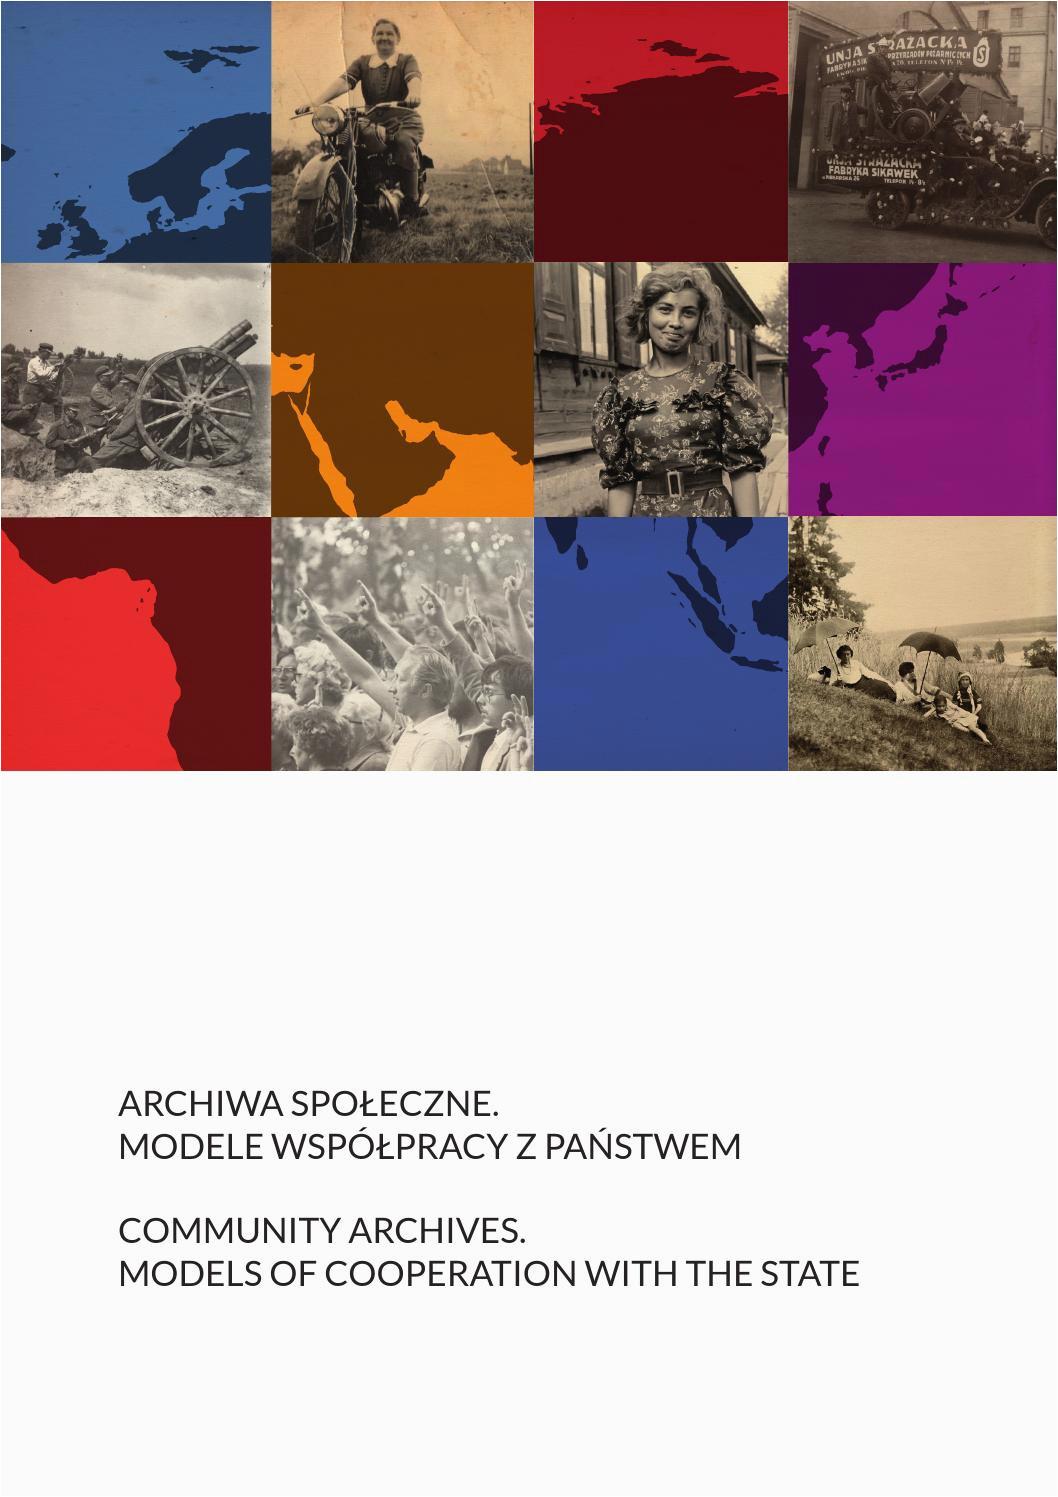 archiwa spoleczne modele wspolpracy z panstwem community archives